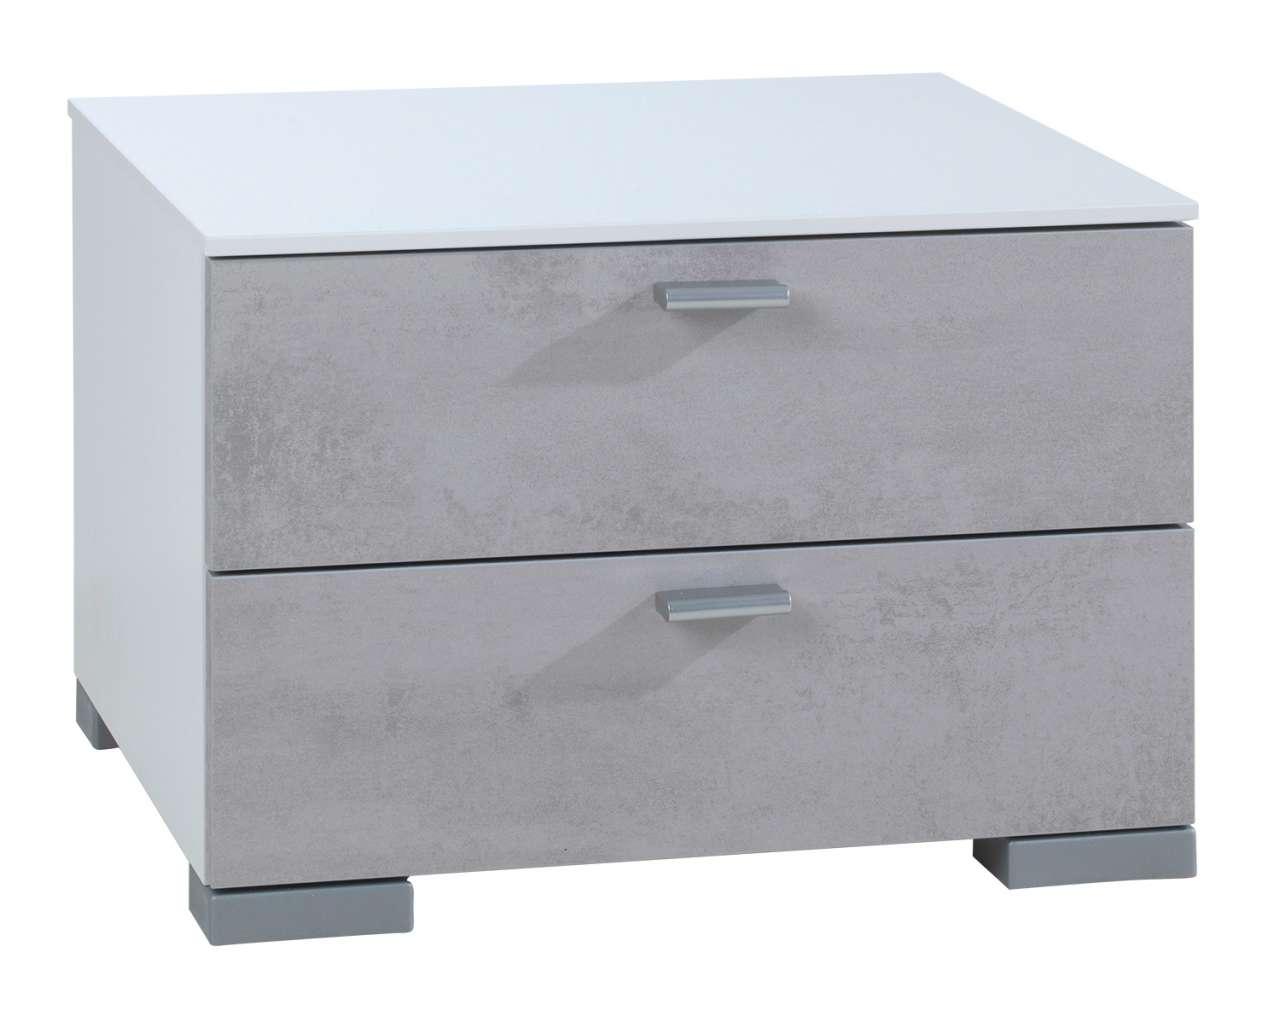 online shop n1 moebel. Black Bedroom Furniture Sets. Home Design Ideas